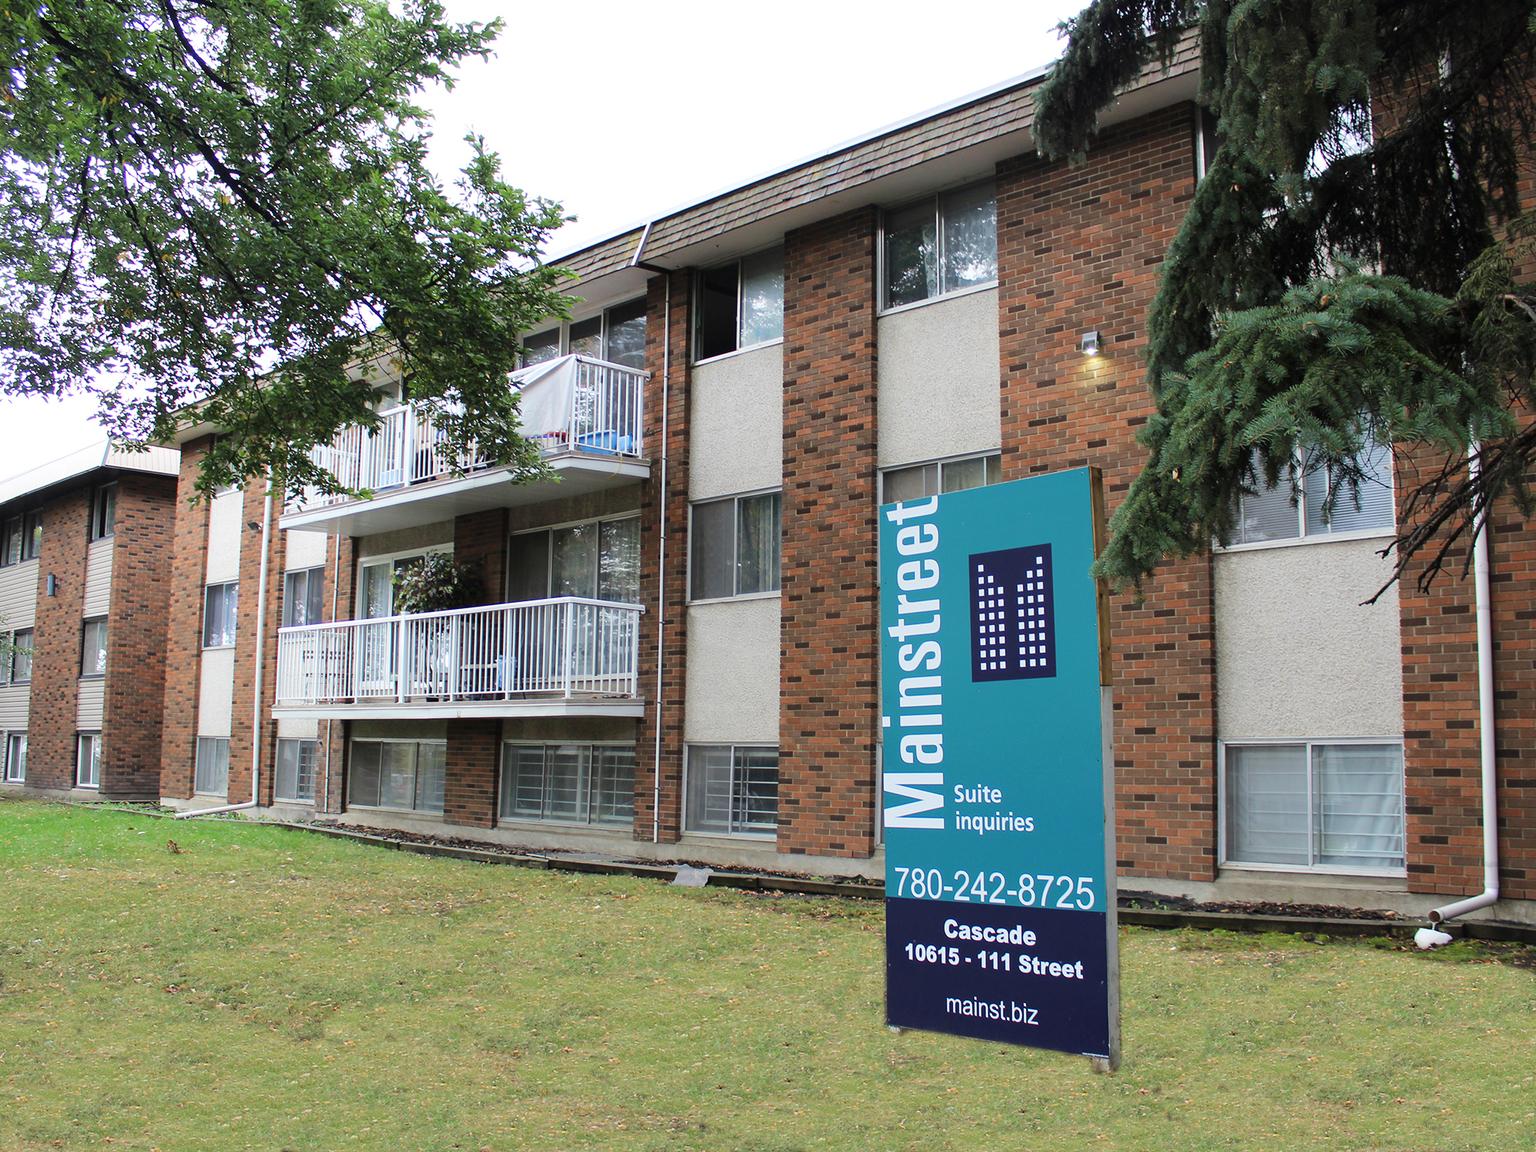 10615 111 Street NW, Edmonton, AB - $725